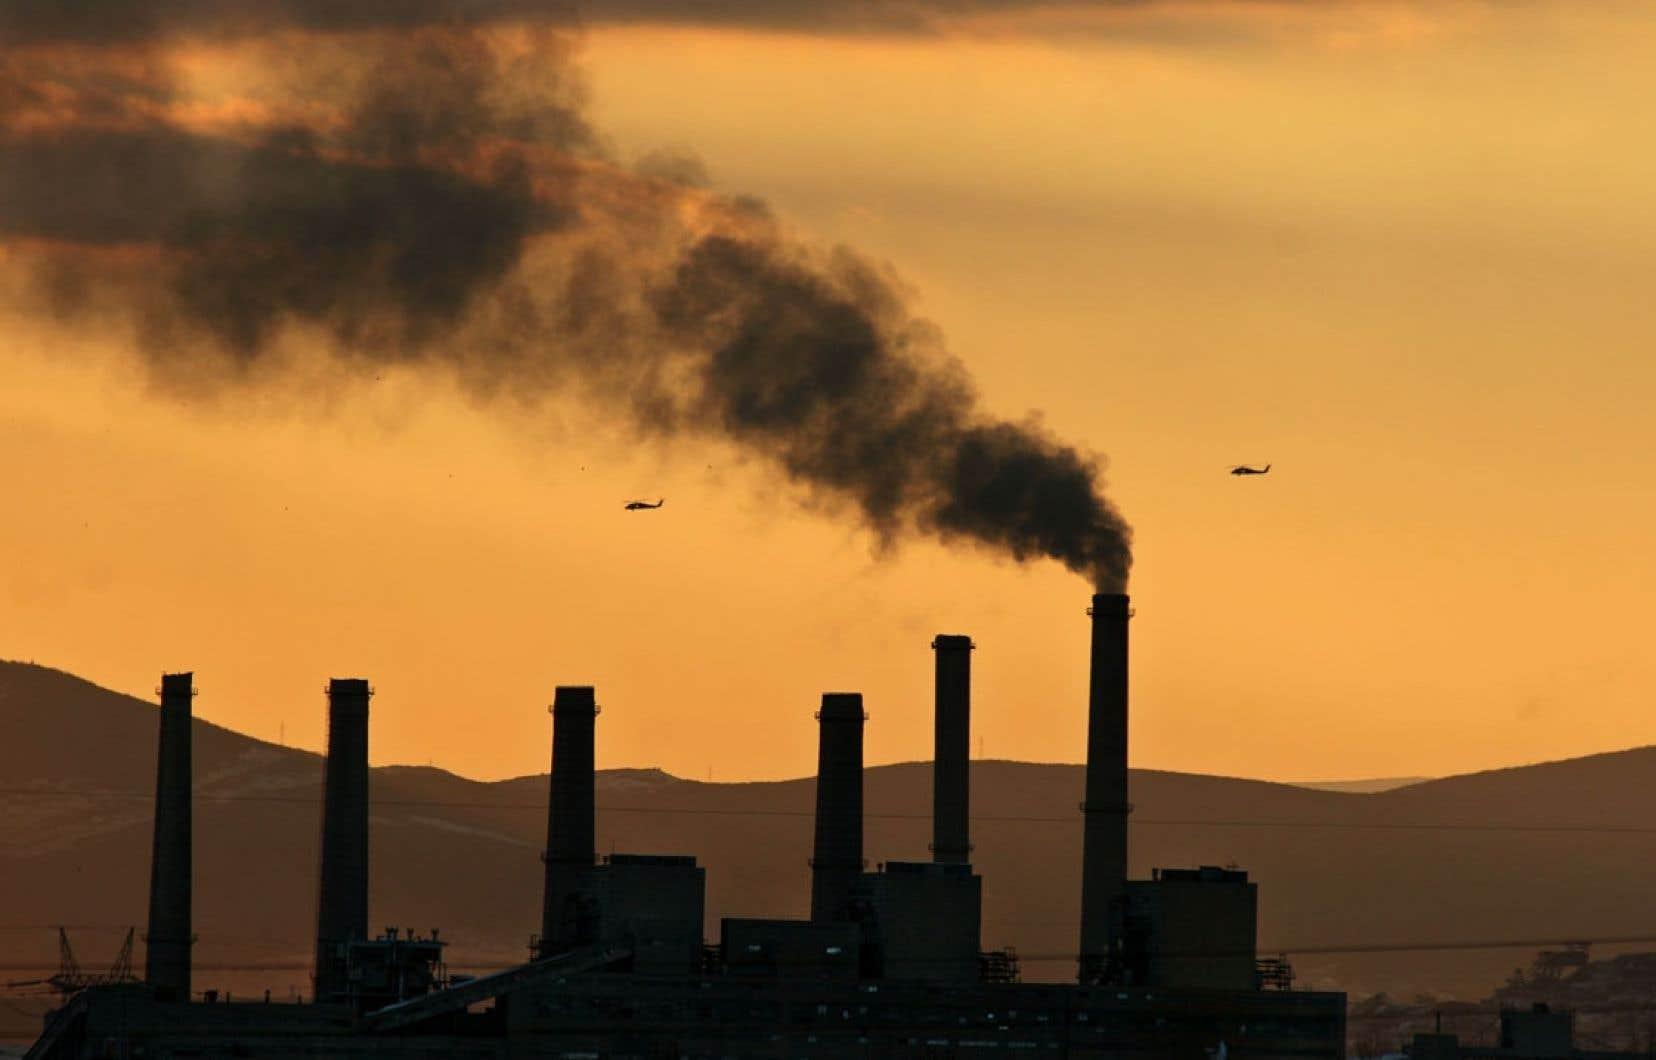 Il faut agir pour réduire les émissions de CO2, note le rapport de l'Agence internationale de l'énergie.